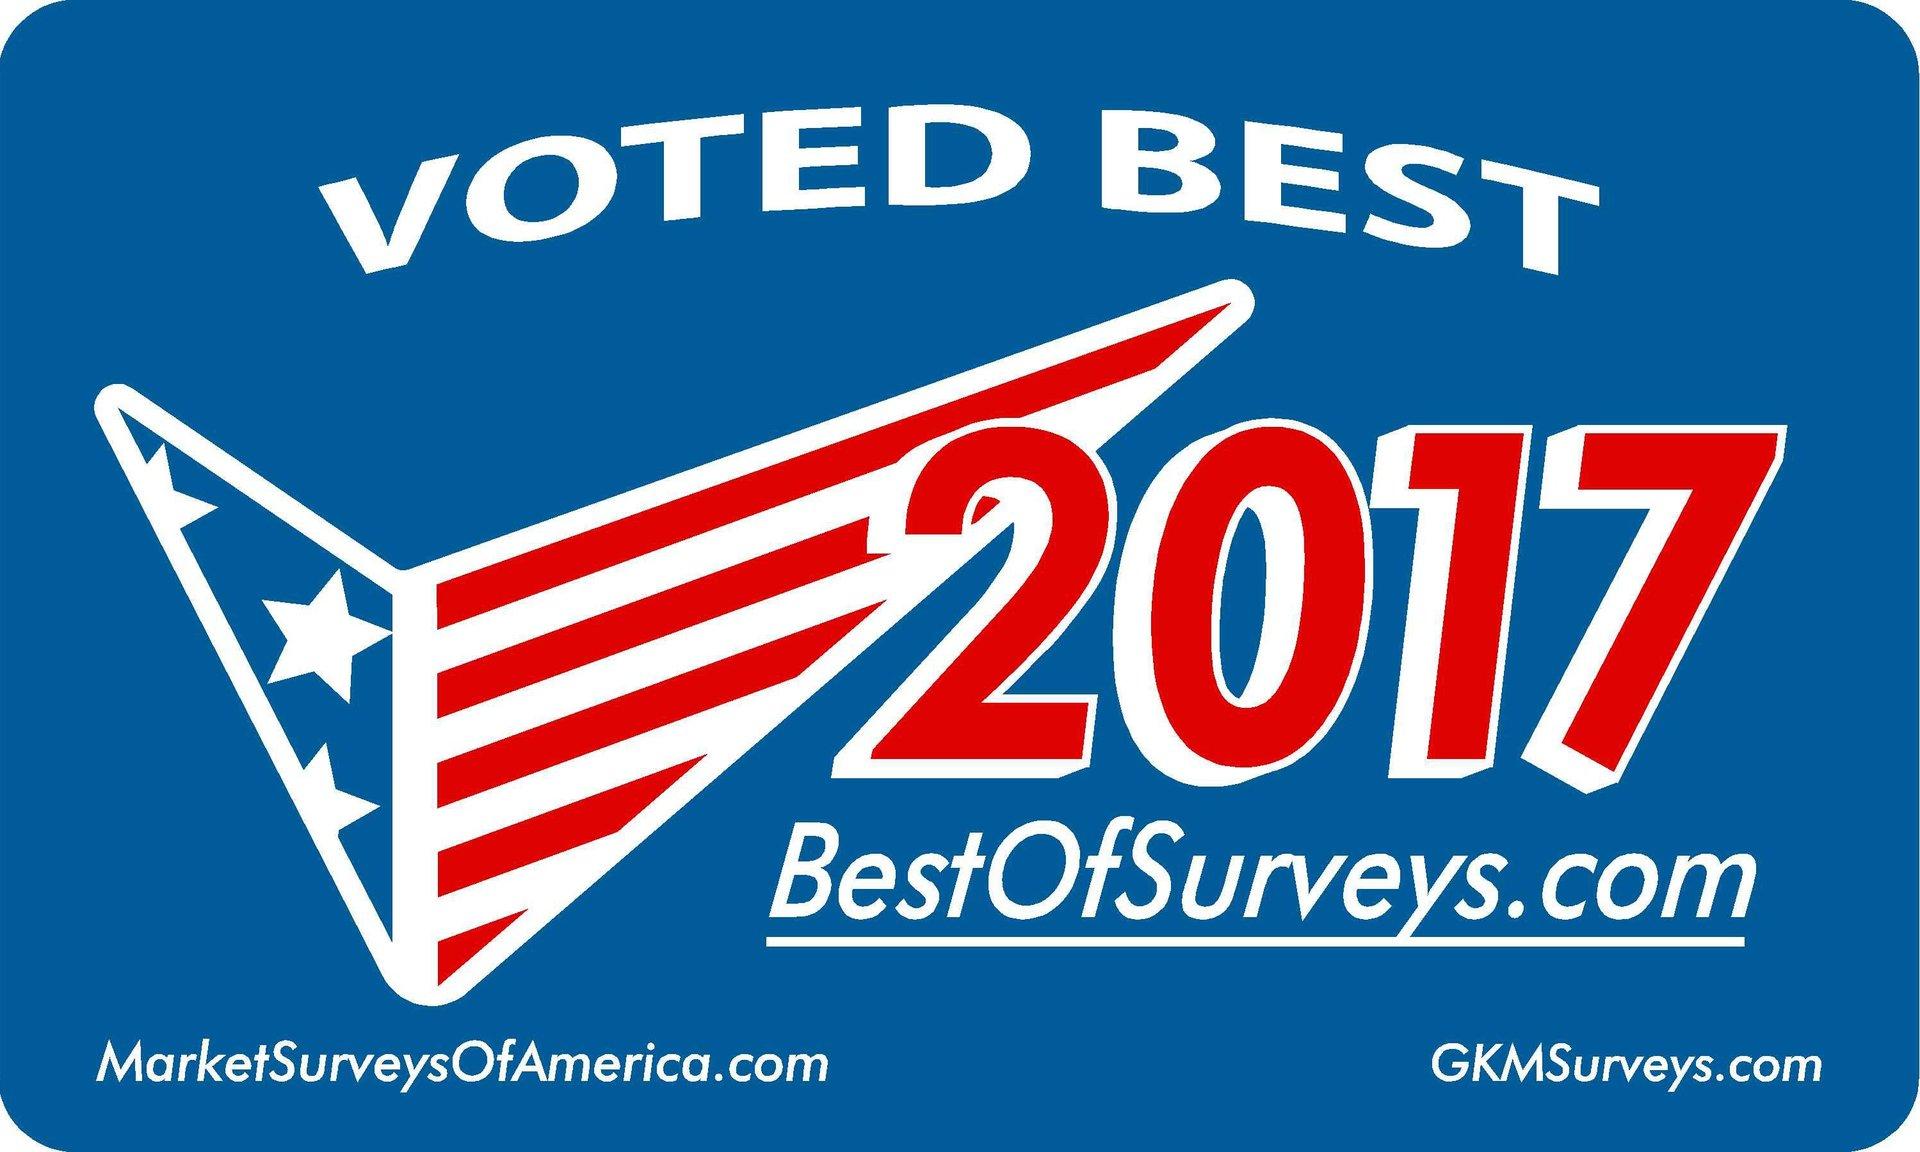 Voted Best 2017